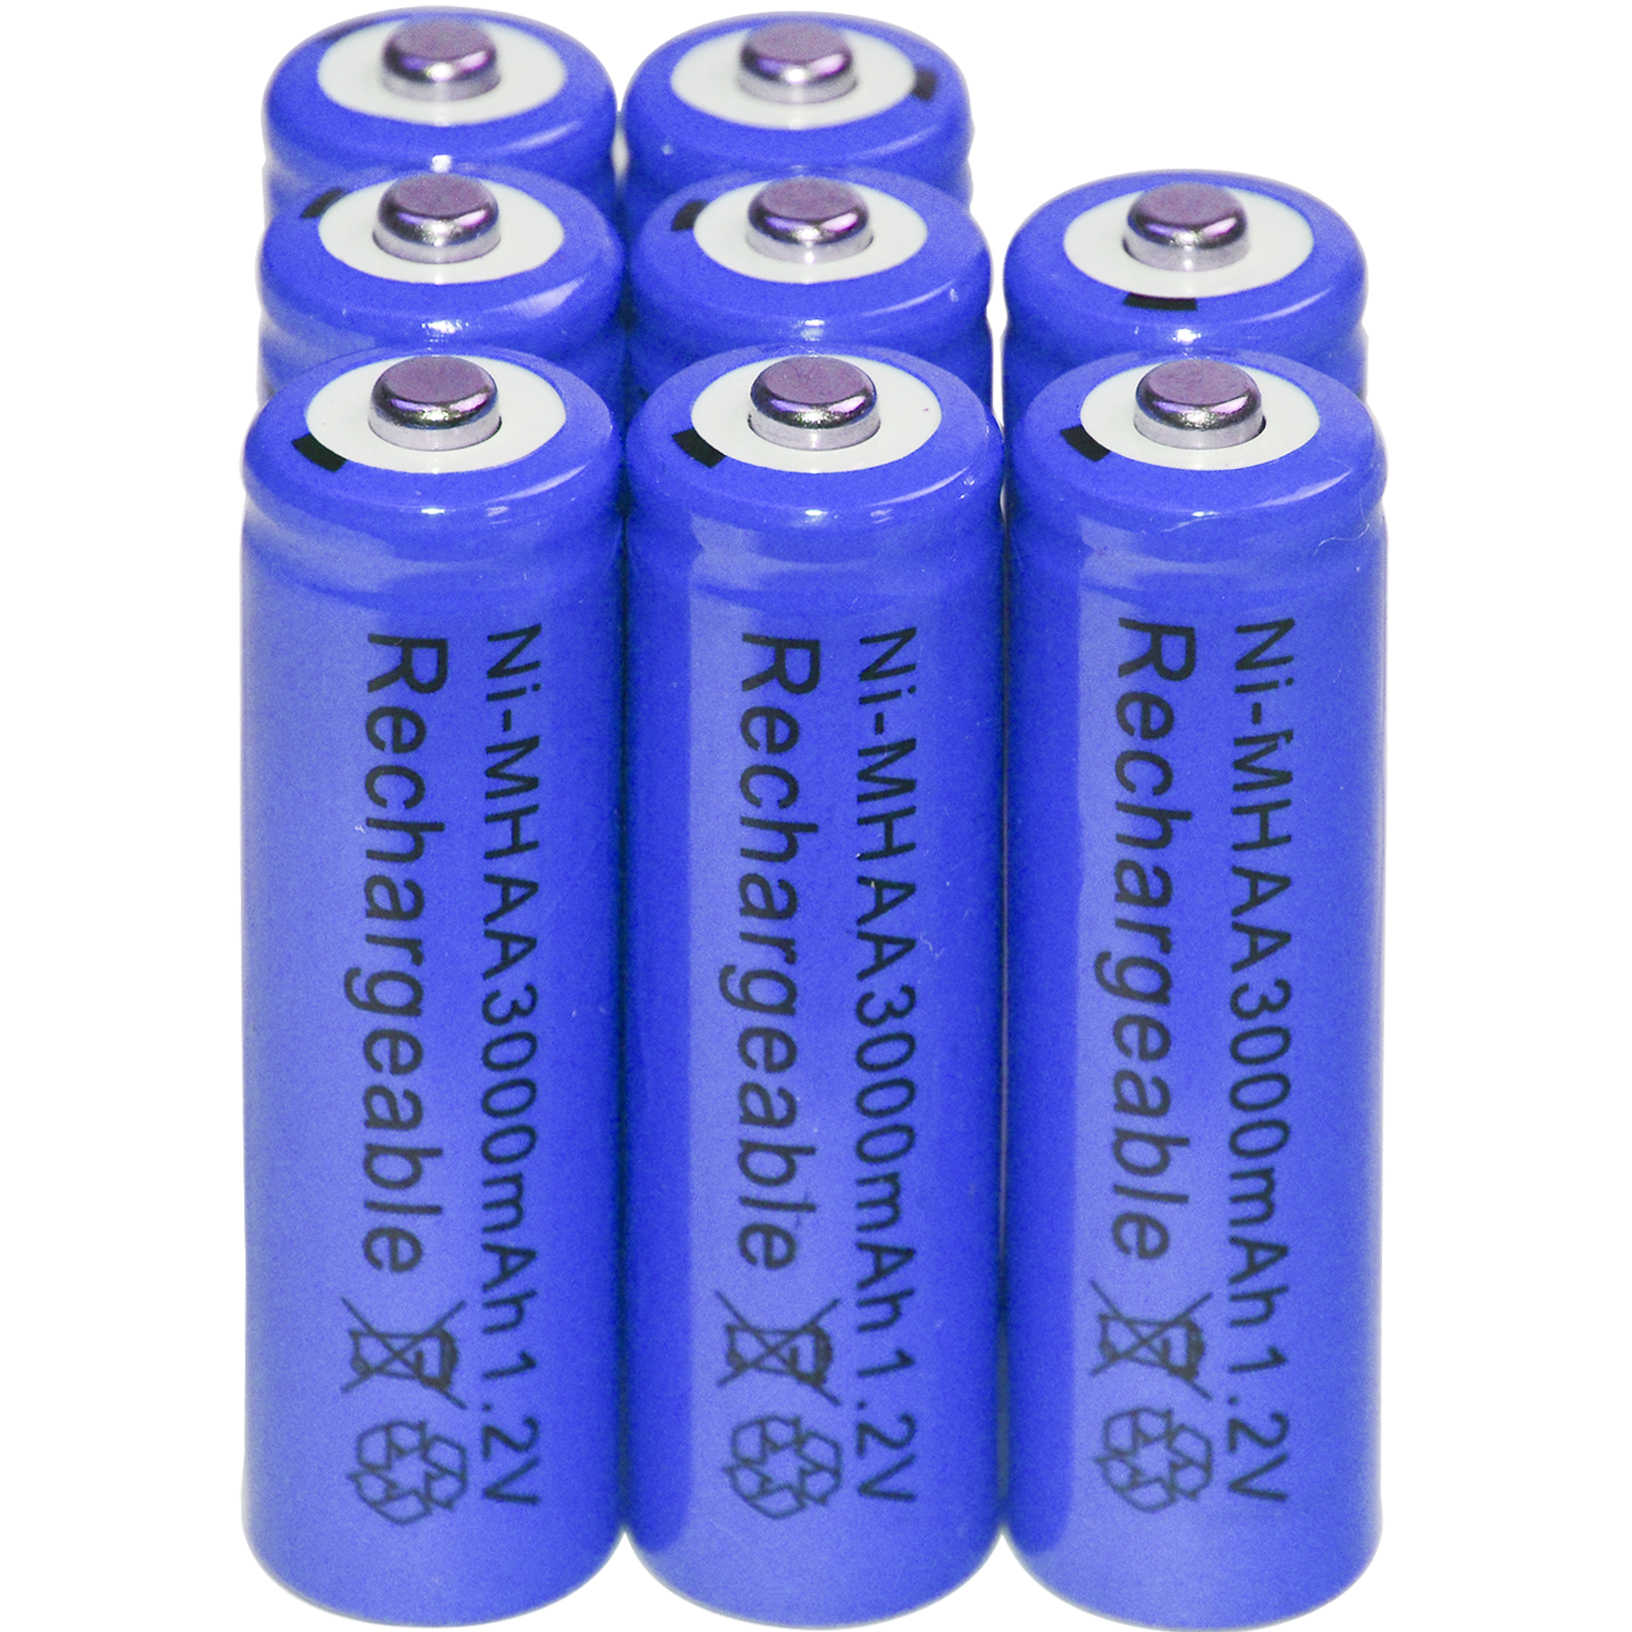 2/8/20/48 шт. AA батарея Перезаряжаемые металл-гидридных или никель 3000 мА/ч, 1,2 V Синий батарея оптом Никель гидрид